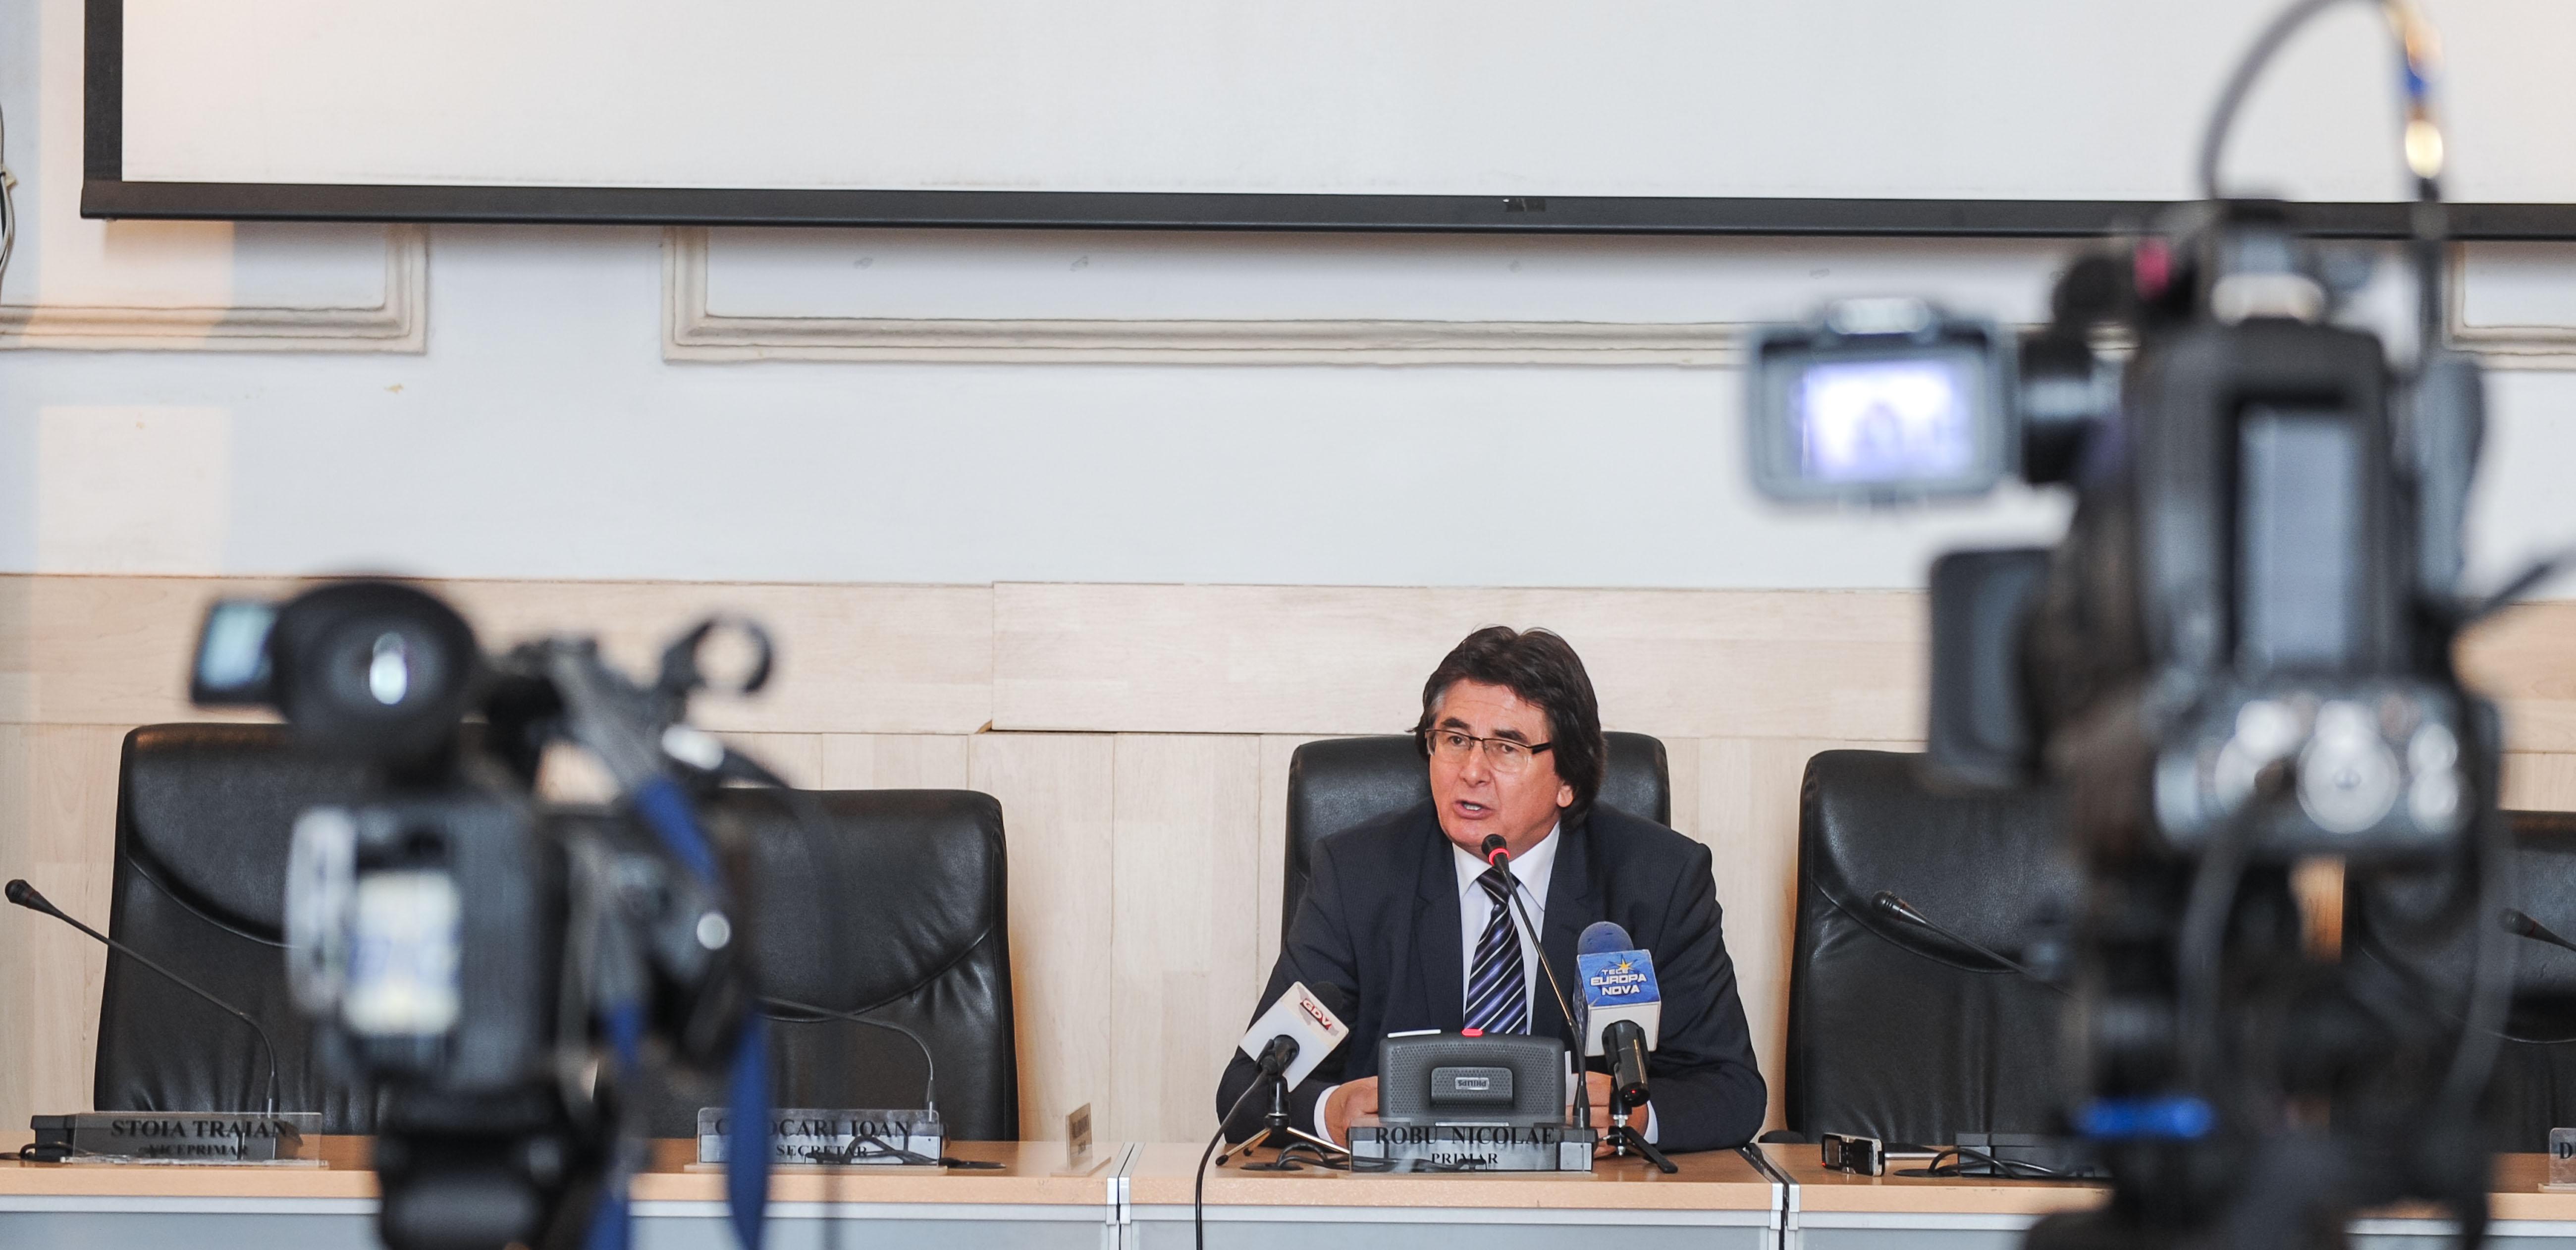 Nicolae Robu primarul Timisoarei 01